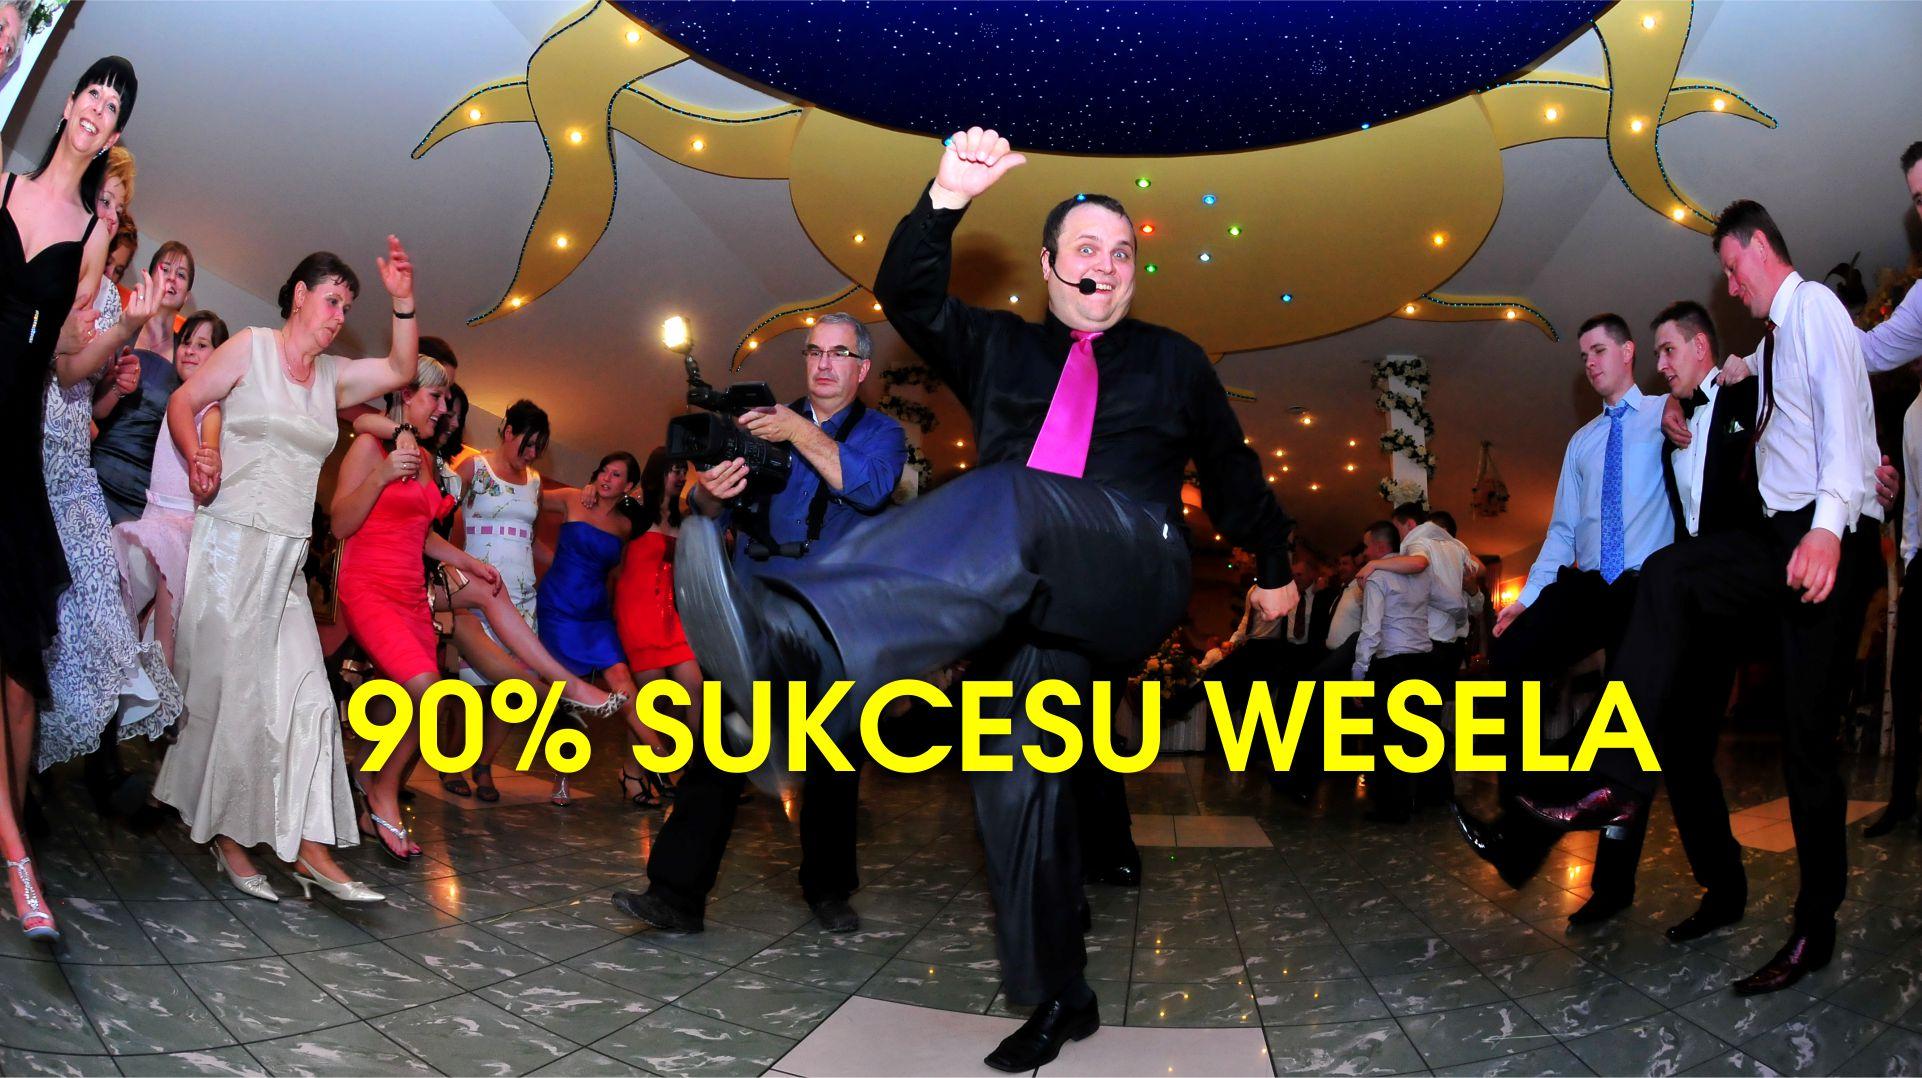 obsługa muzyczna wesela warszawa, muzyka na wesele mazowieckie, dj na wesele mazowieckie, dj okolice warszawy